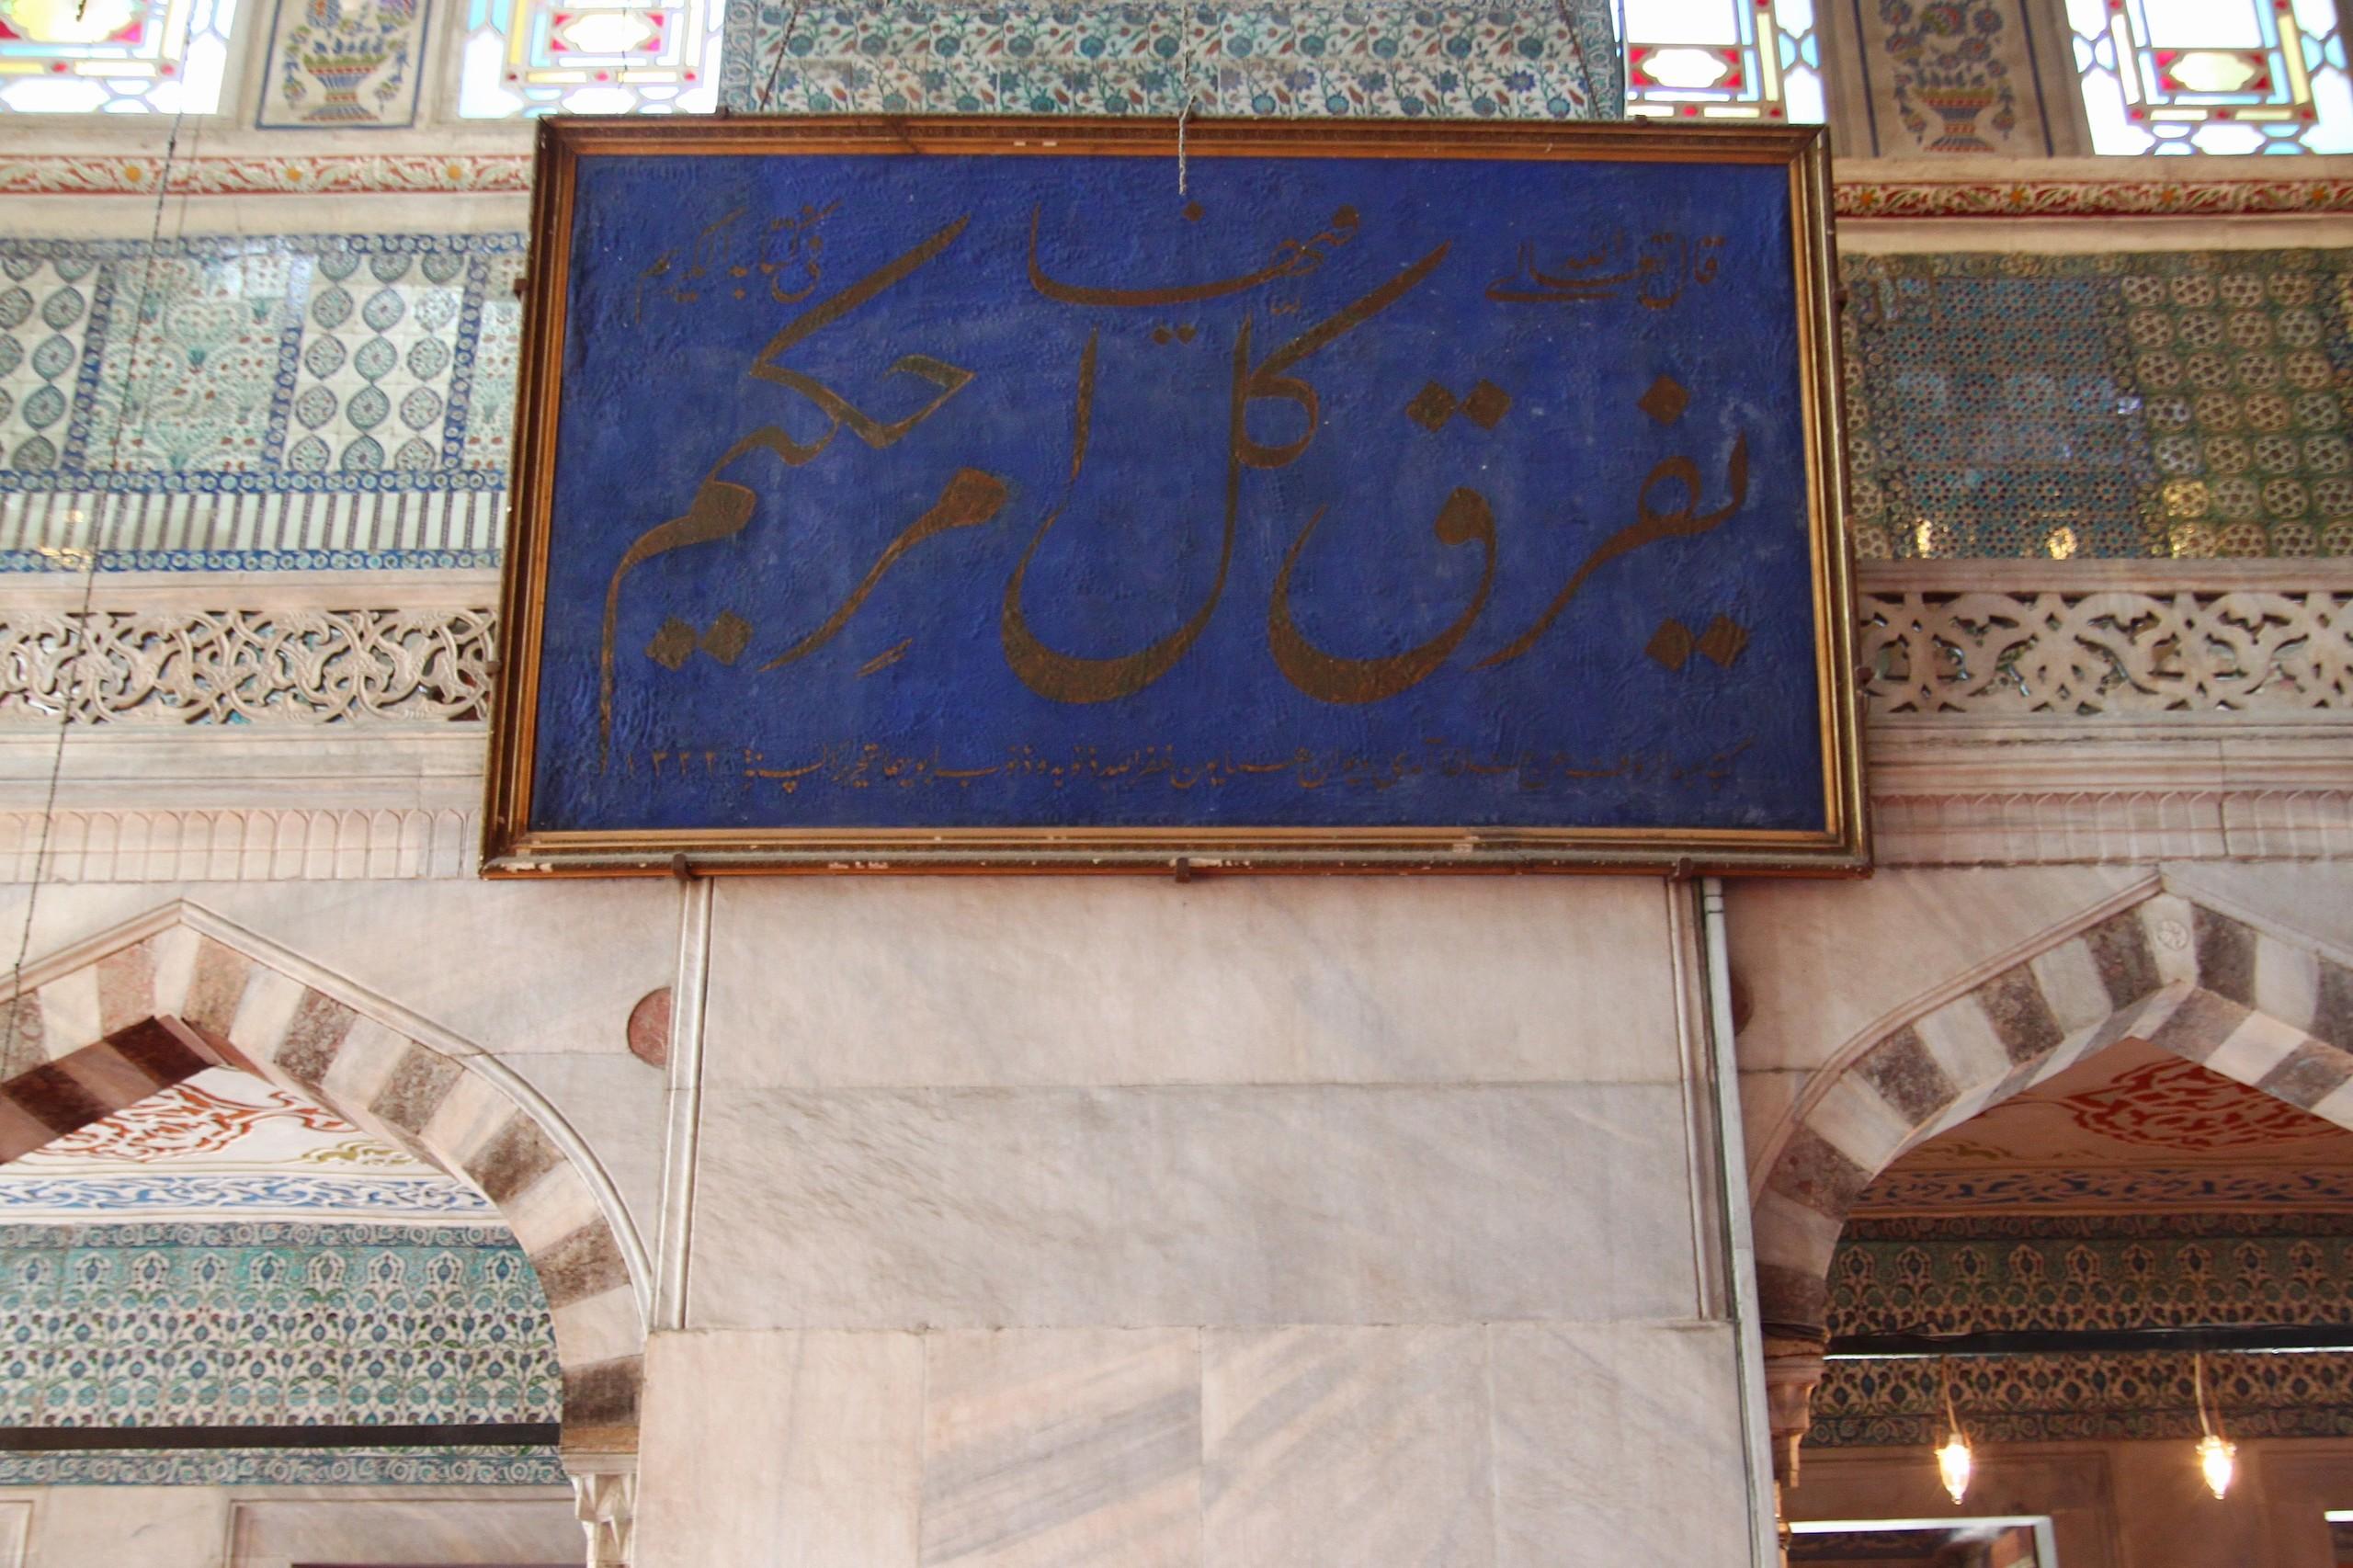 Pırlantadan Kubbeler #5: Sultanahmed - r9X7dz - Pırlantadan Kubbeler #5: Sultanahmed